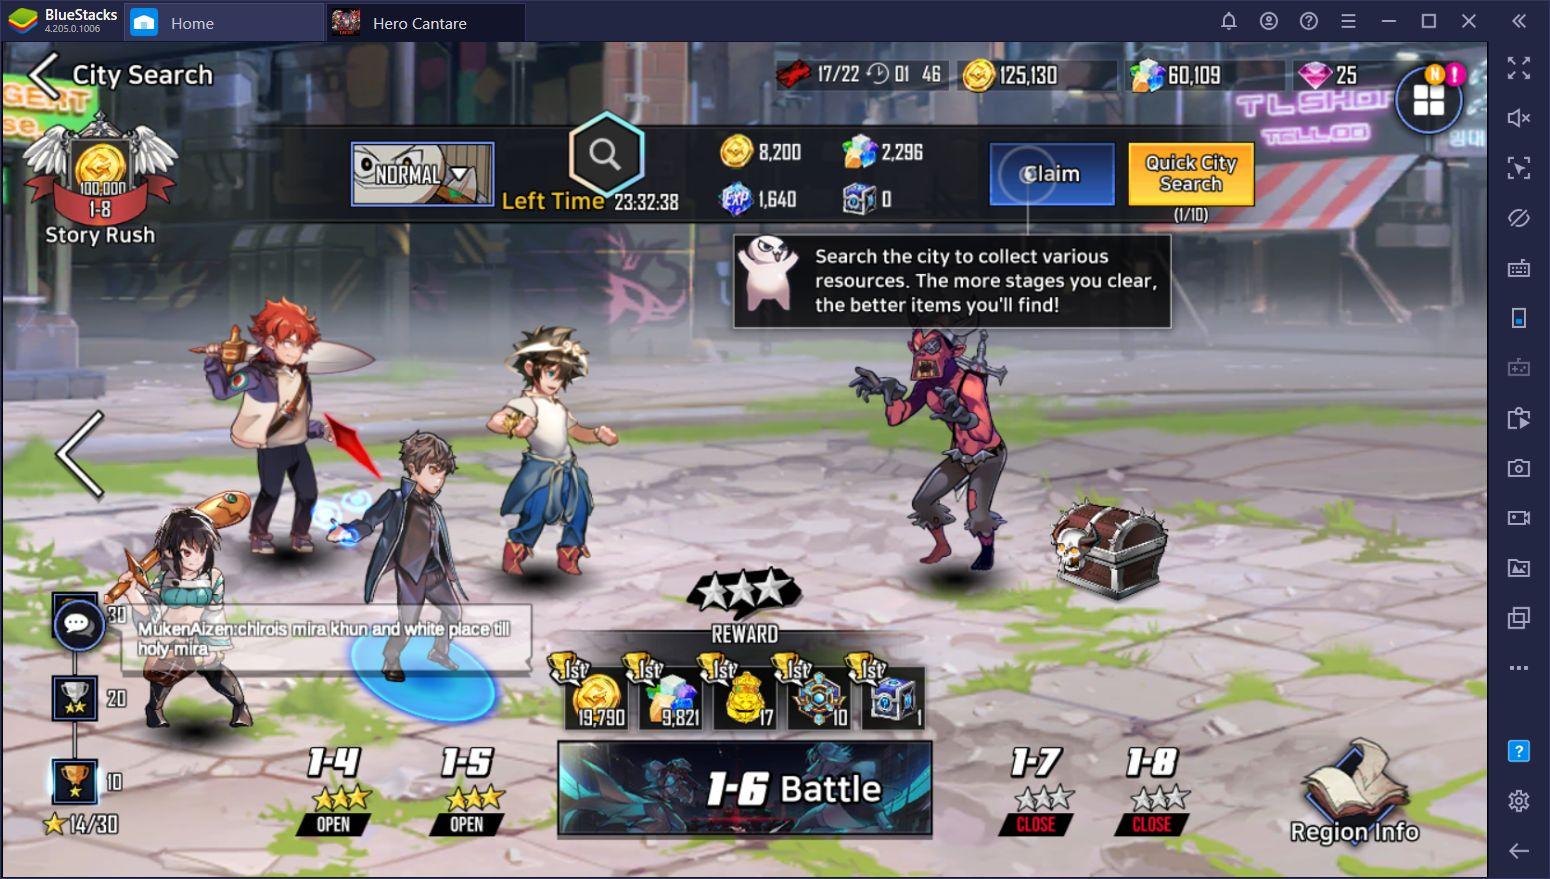 Guide du débutant pour Hero Cantare